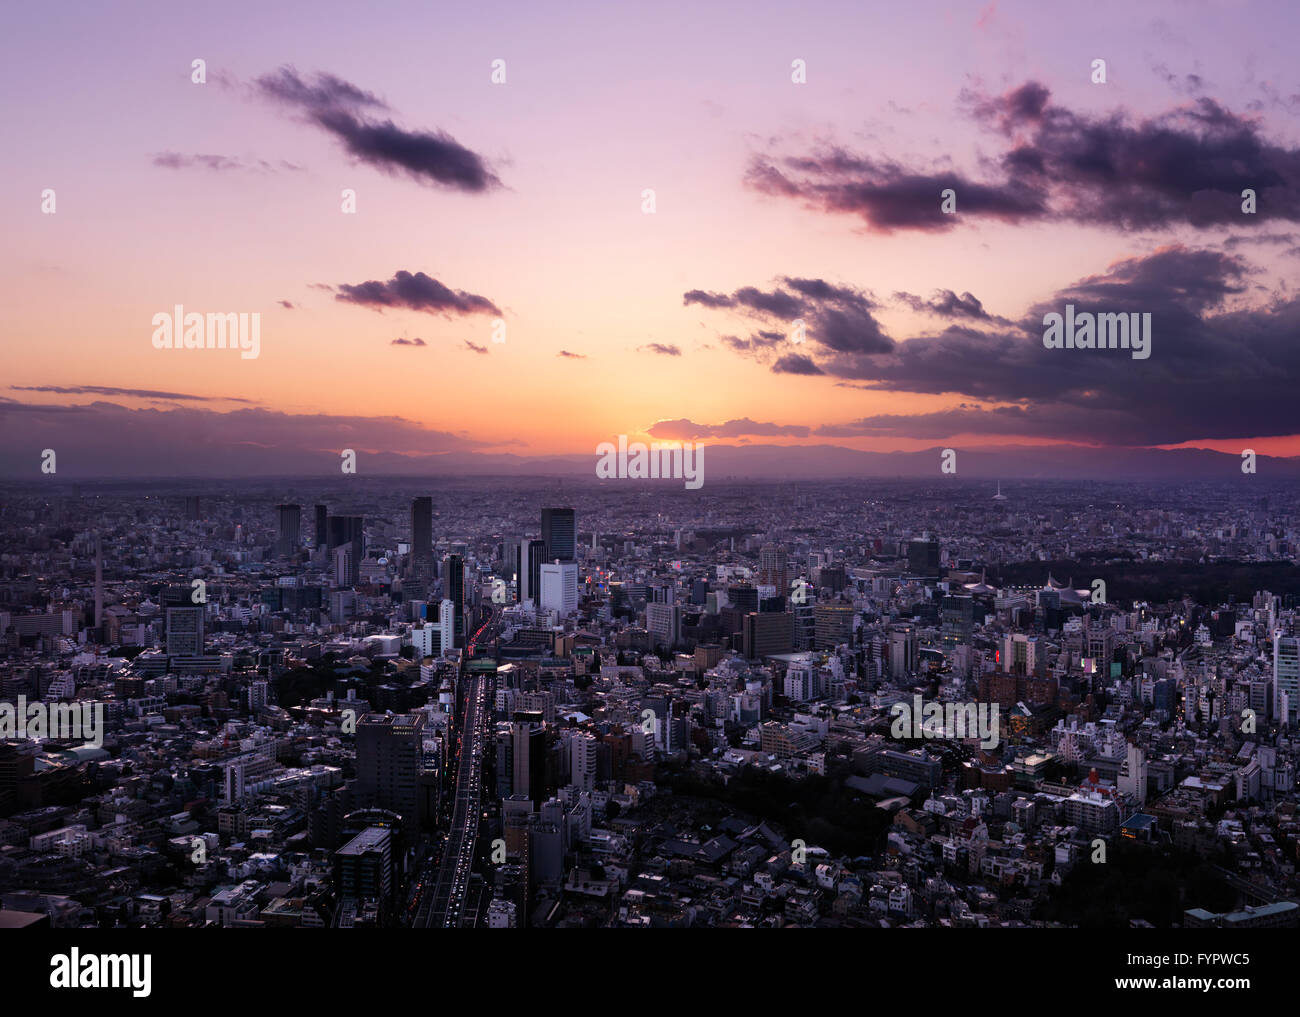 Cityscape, at sunset, Shibuya, Tokyo, Japan - Stock Image